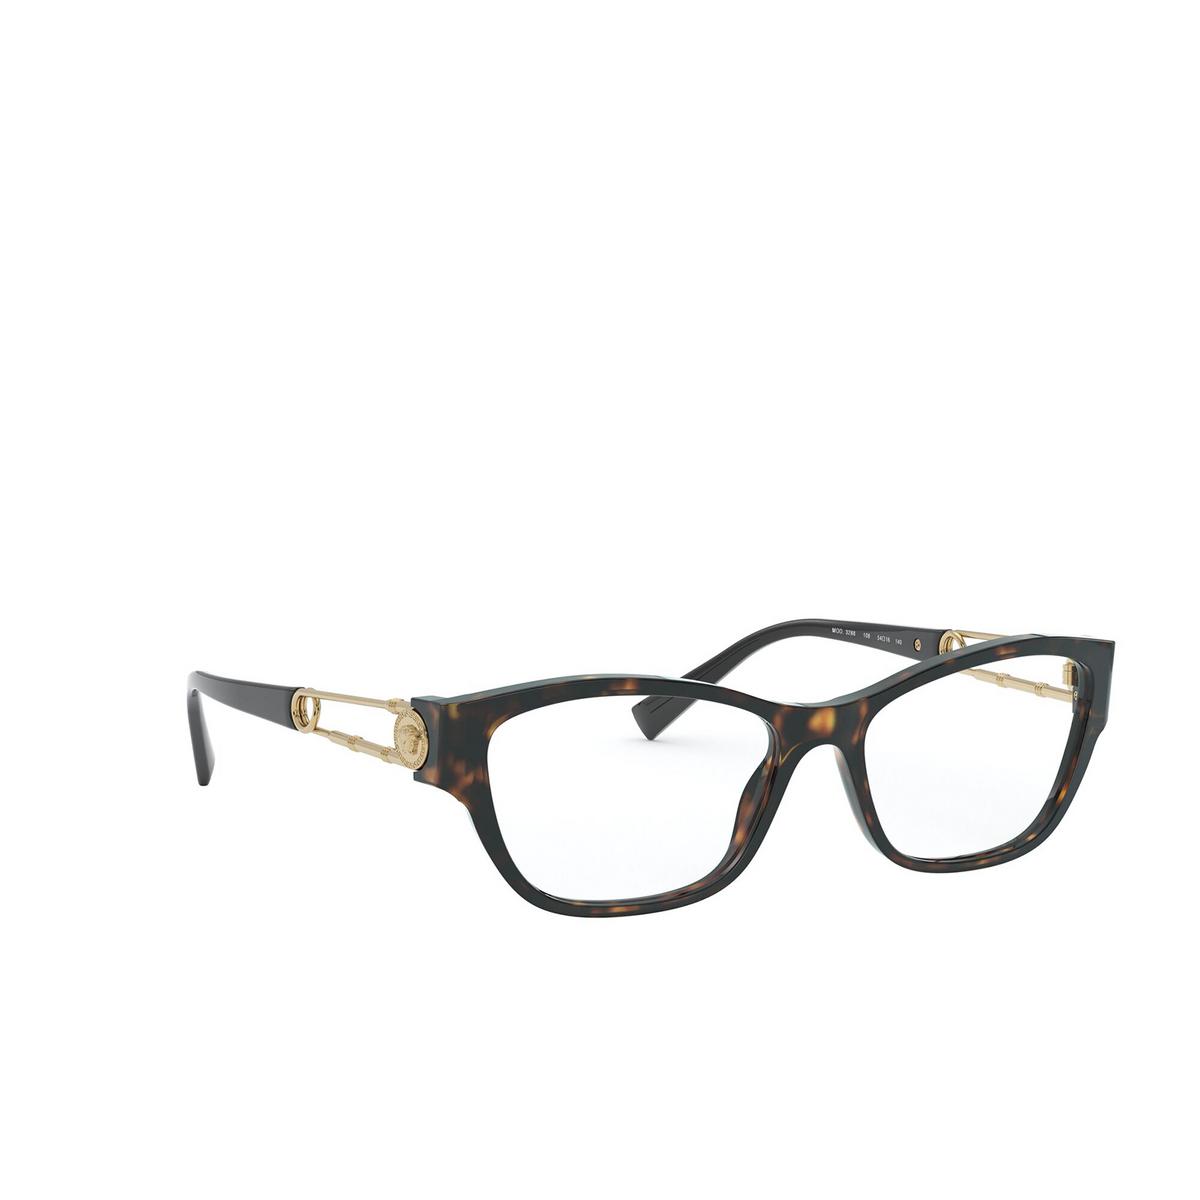 Versace® Cat-eye Eyeglasses: VE3288 color Havana 108 - three-quarters view.